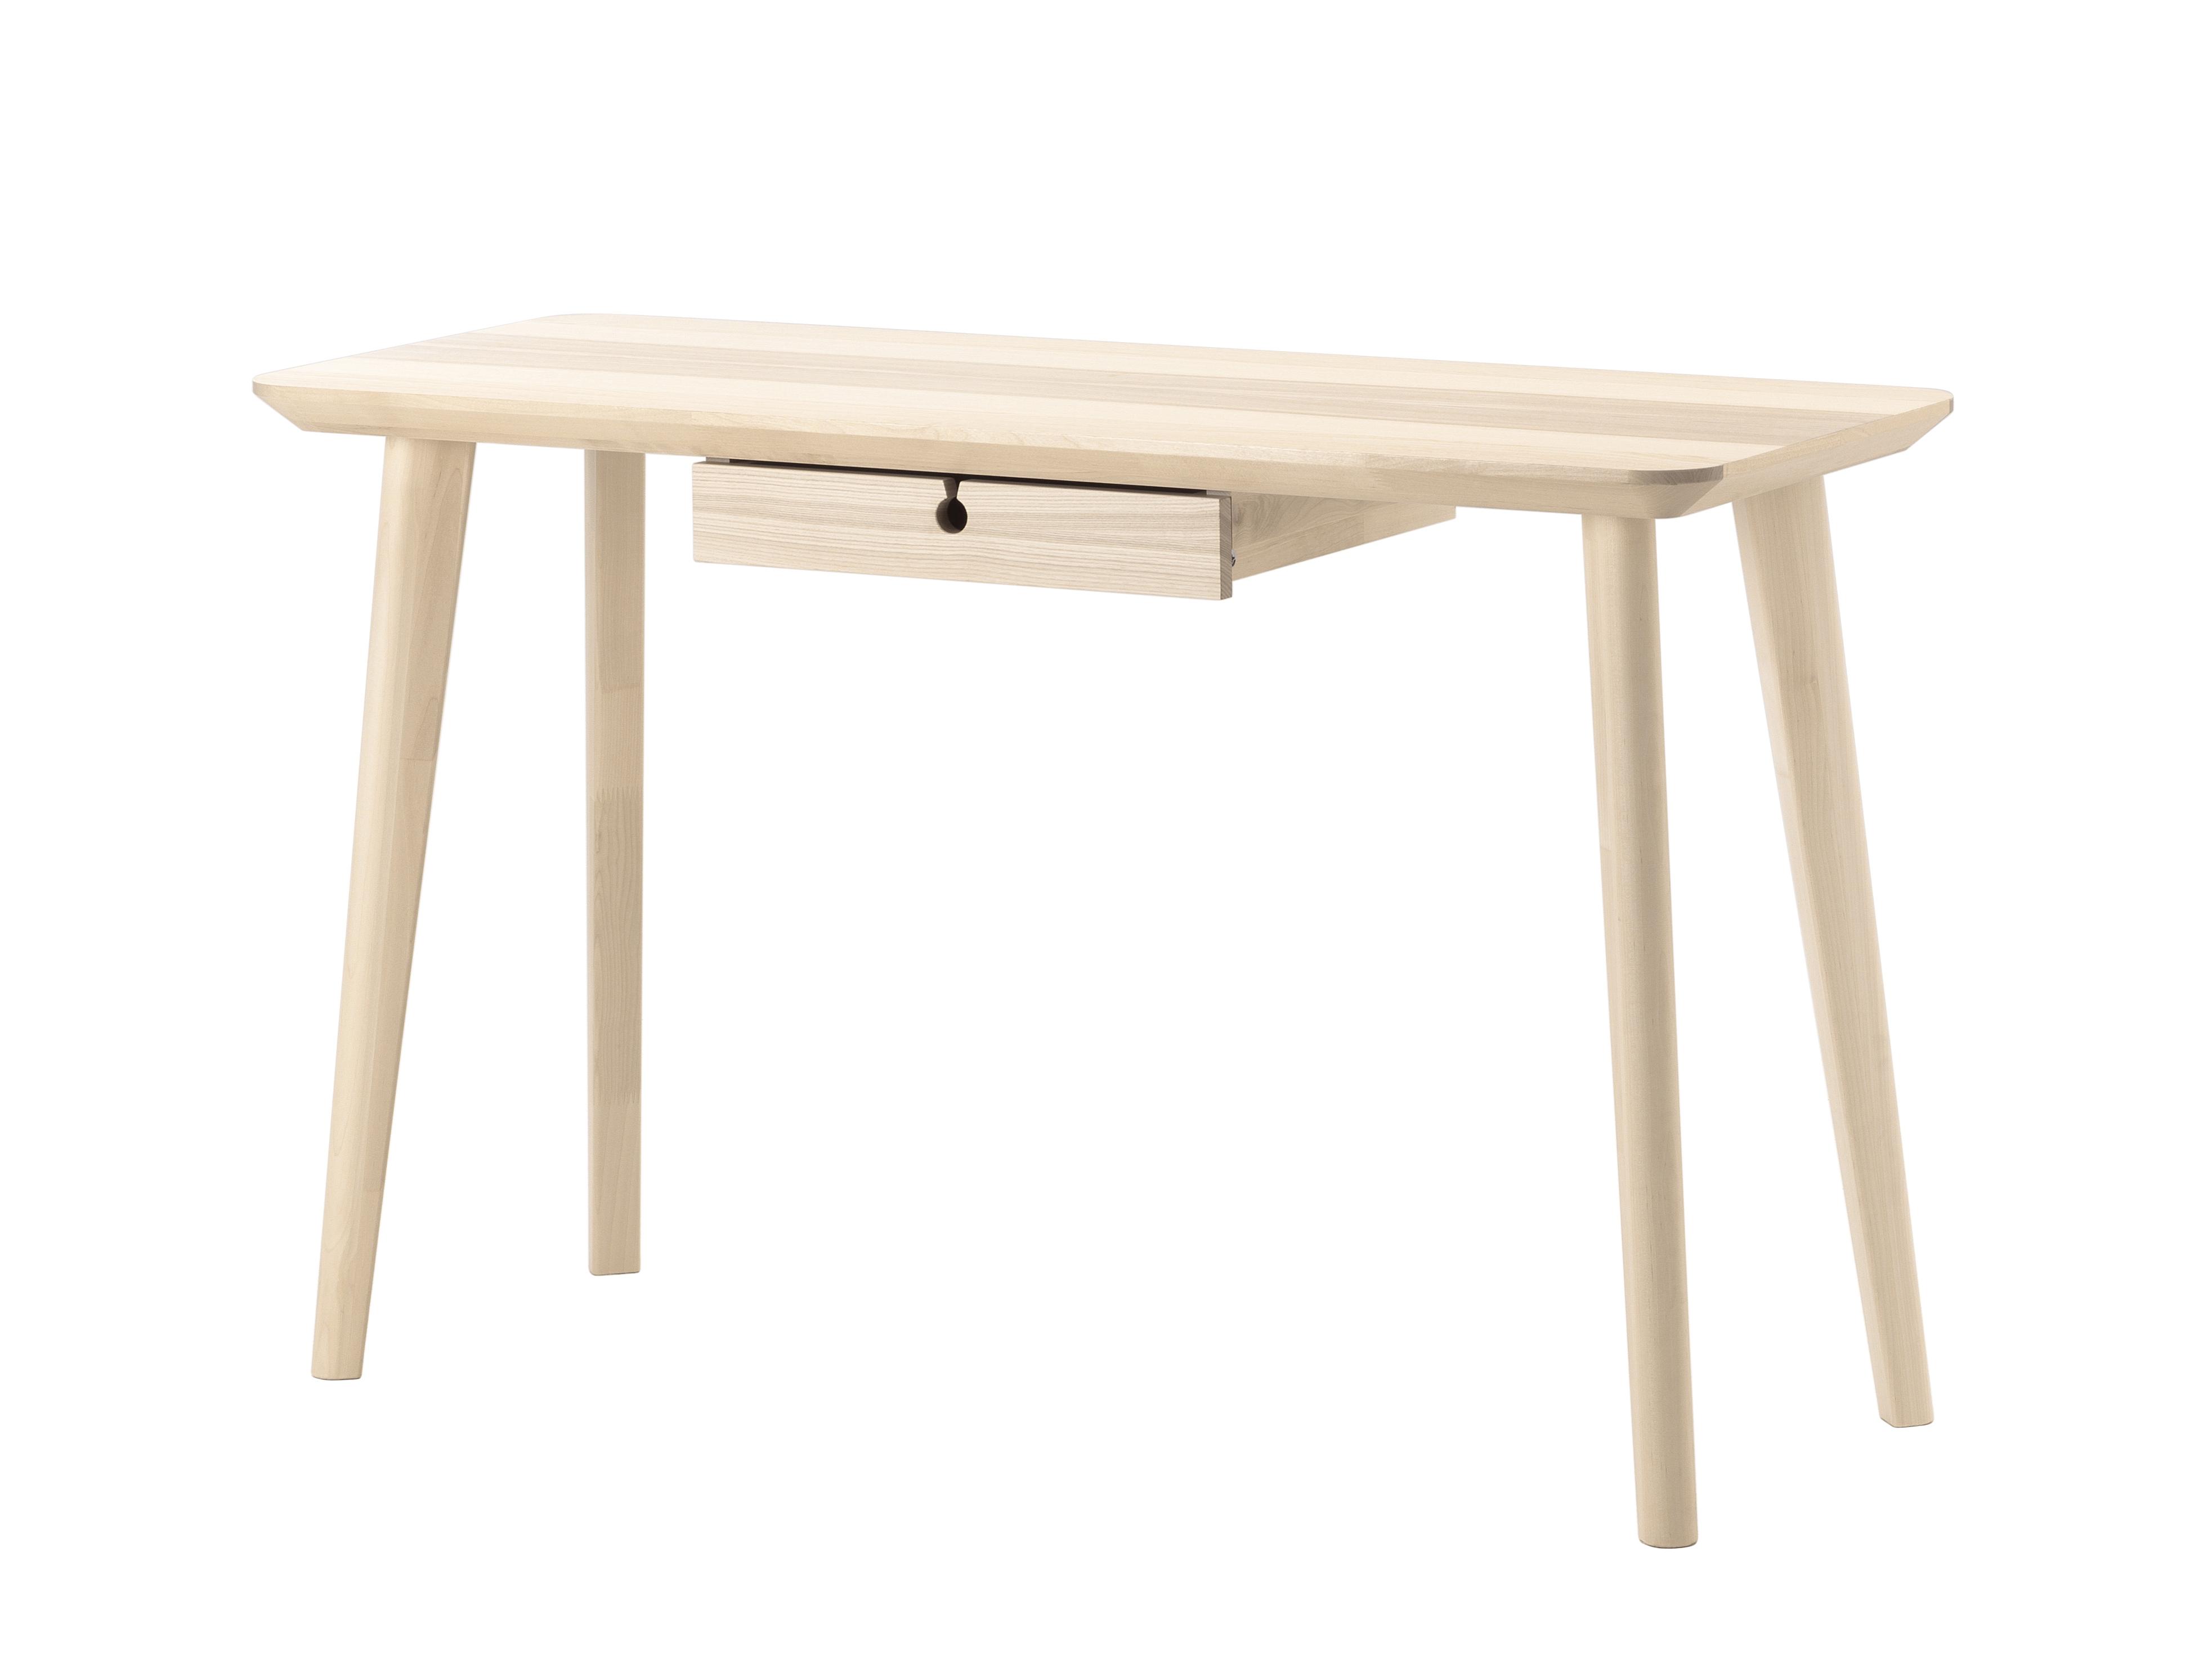 Tisch Eiche Ikea – Dekoration Bild Idee